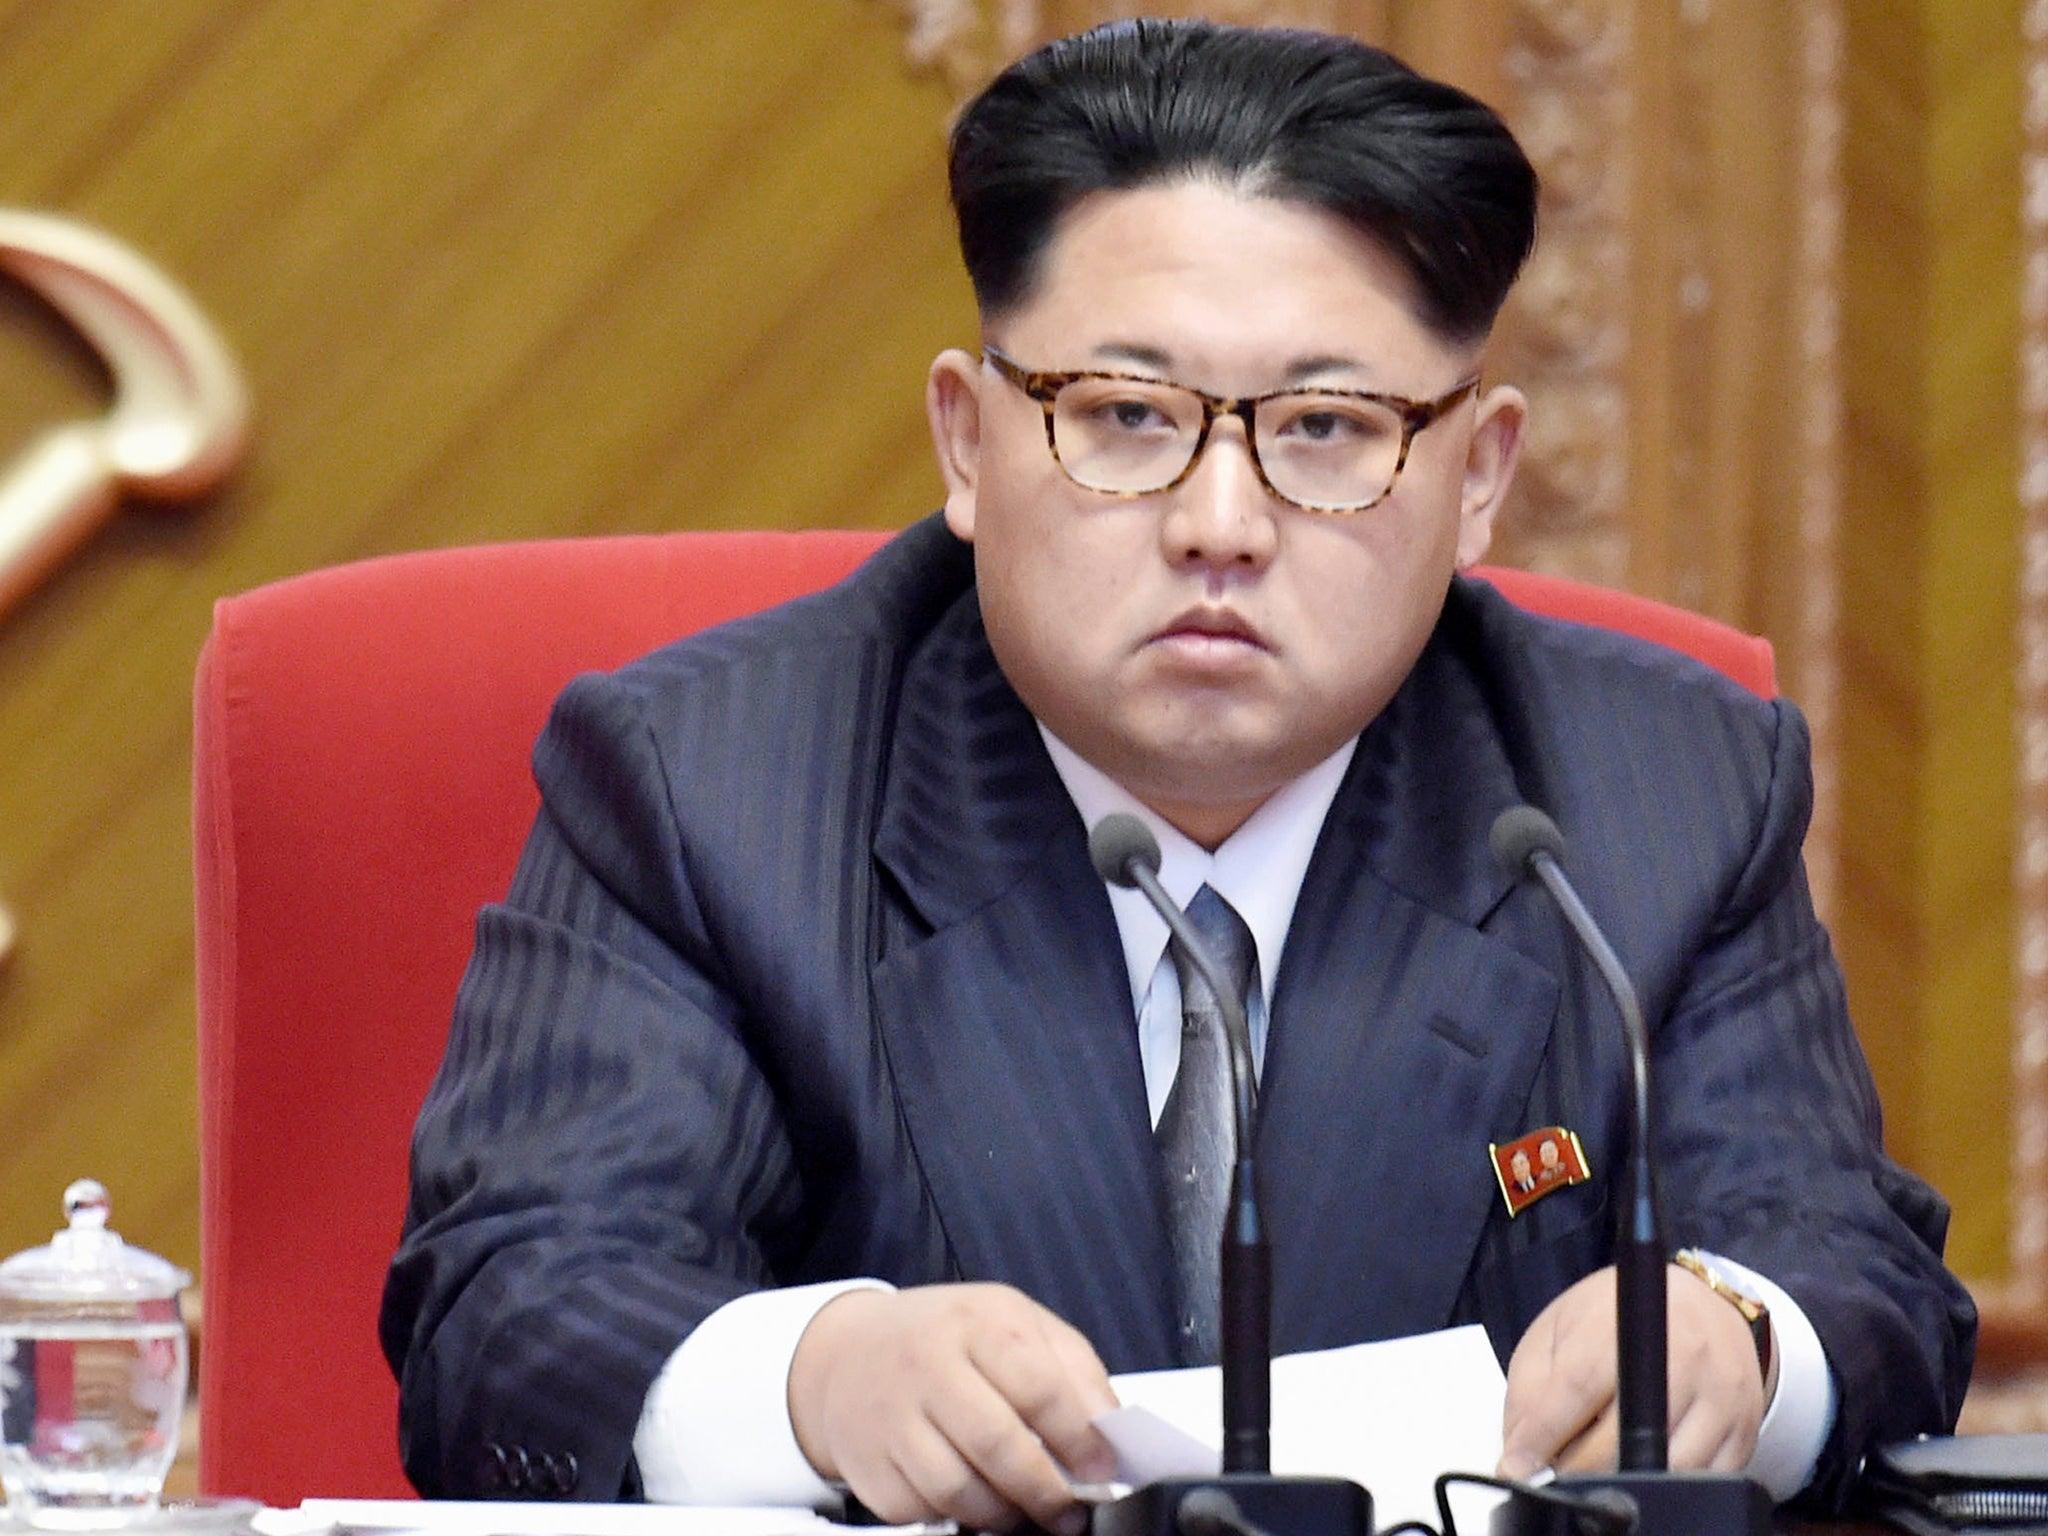 kim jong un - photo #30